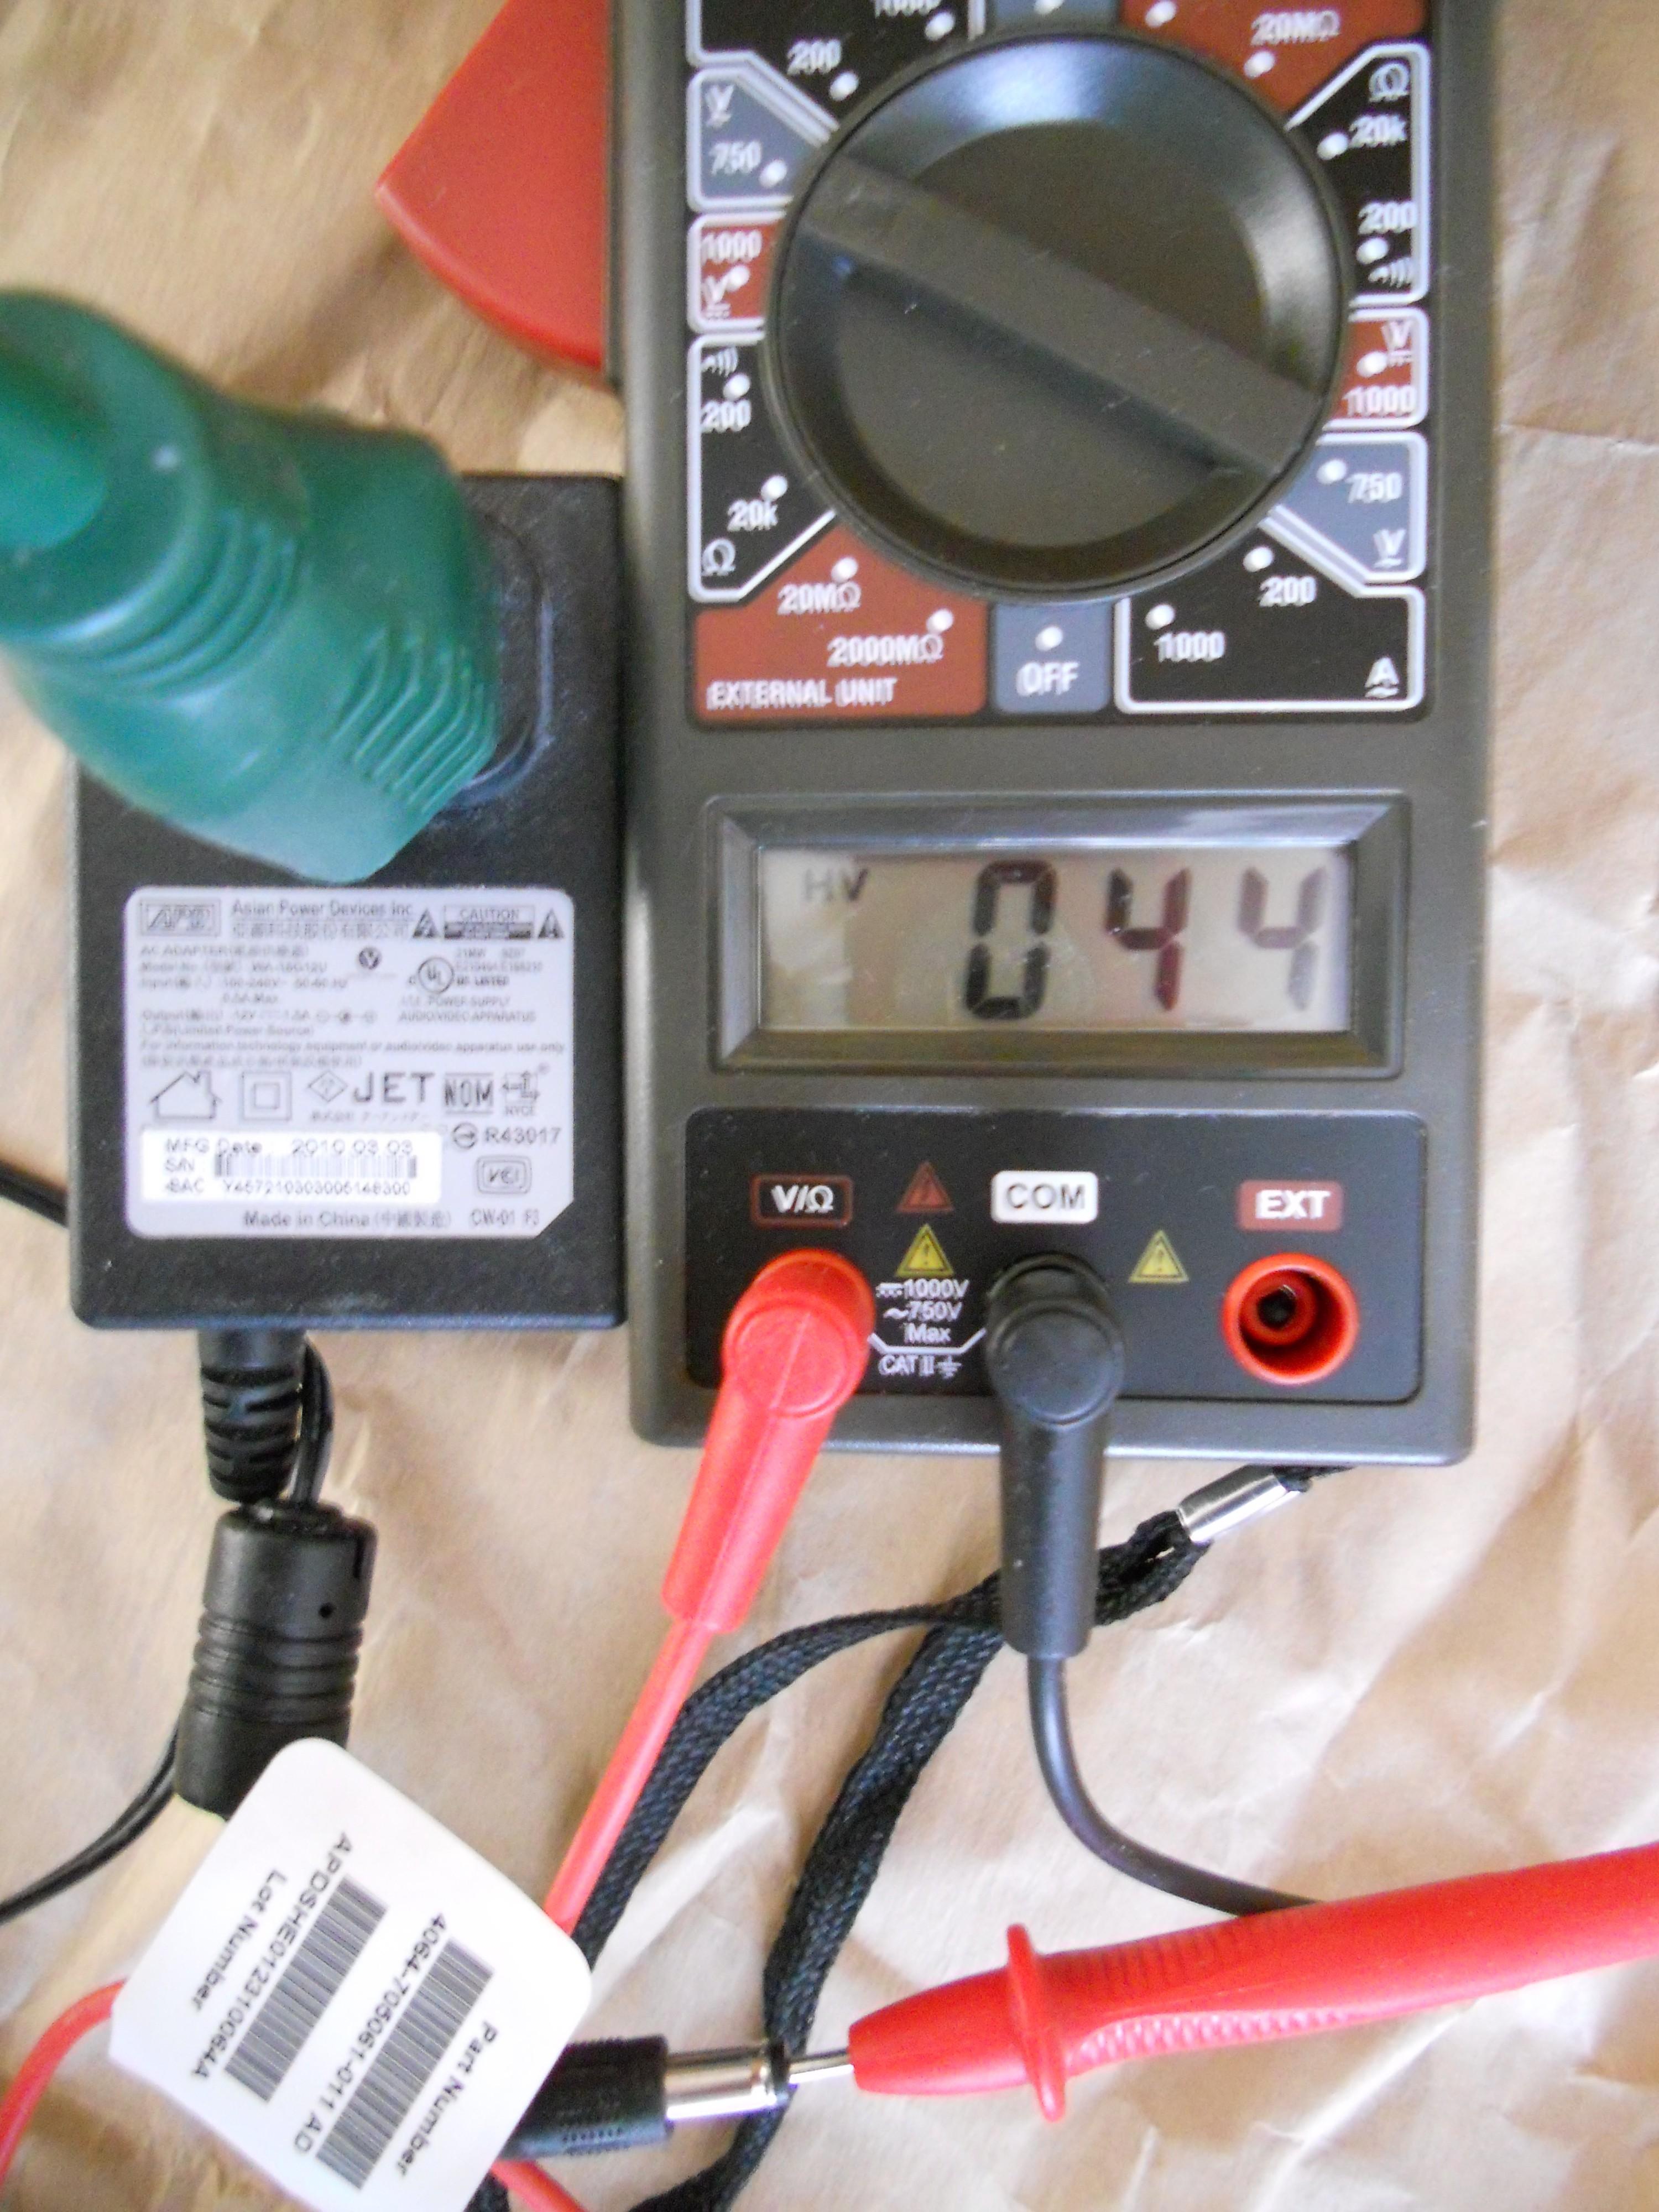 Western Digita Power Supply #3 - 44 volts leakage